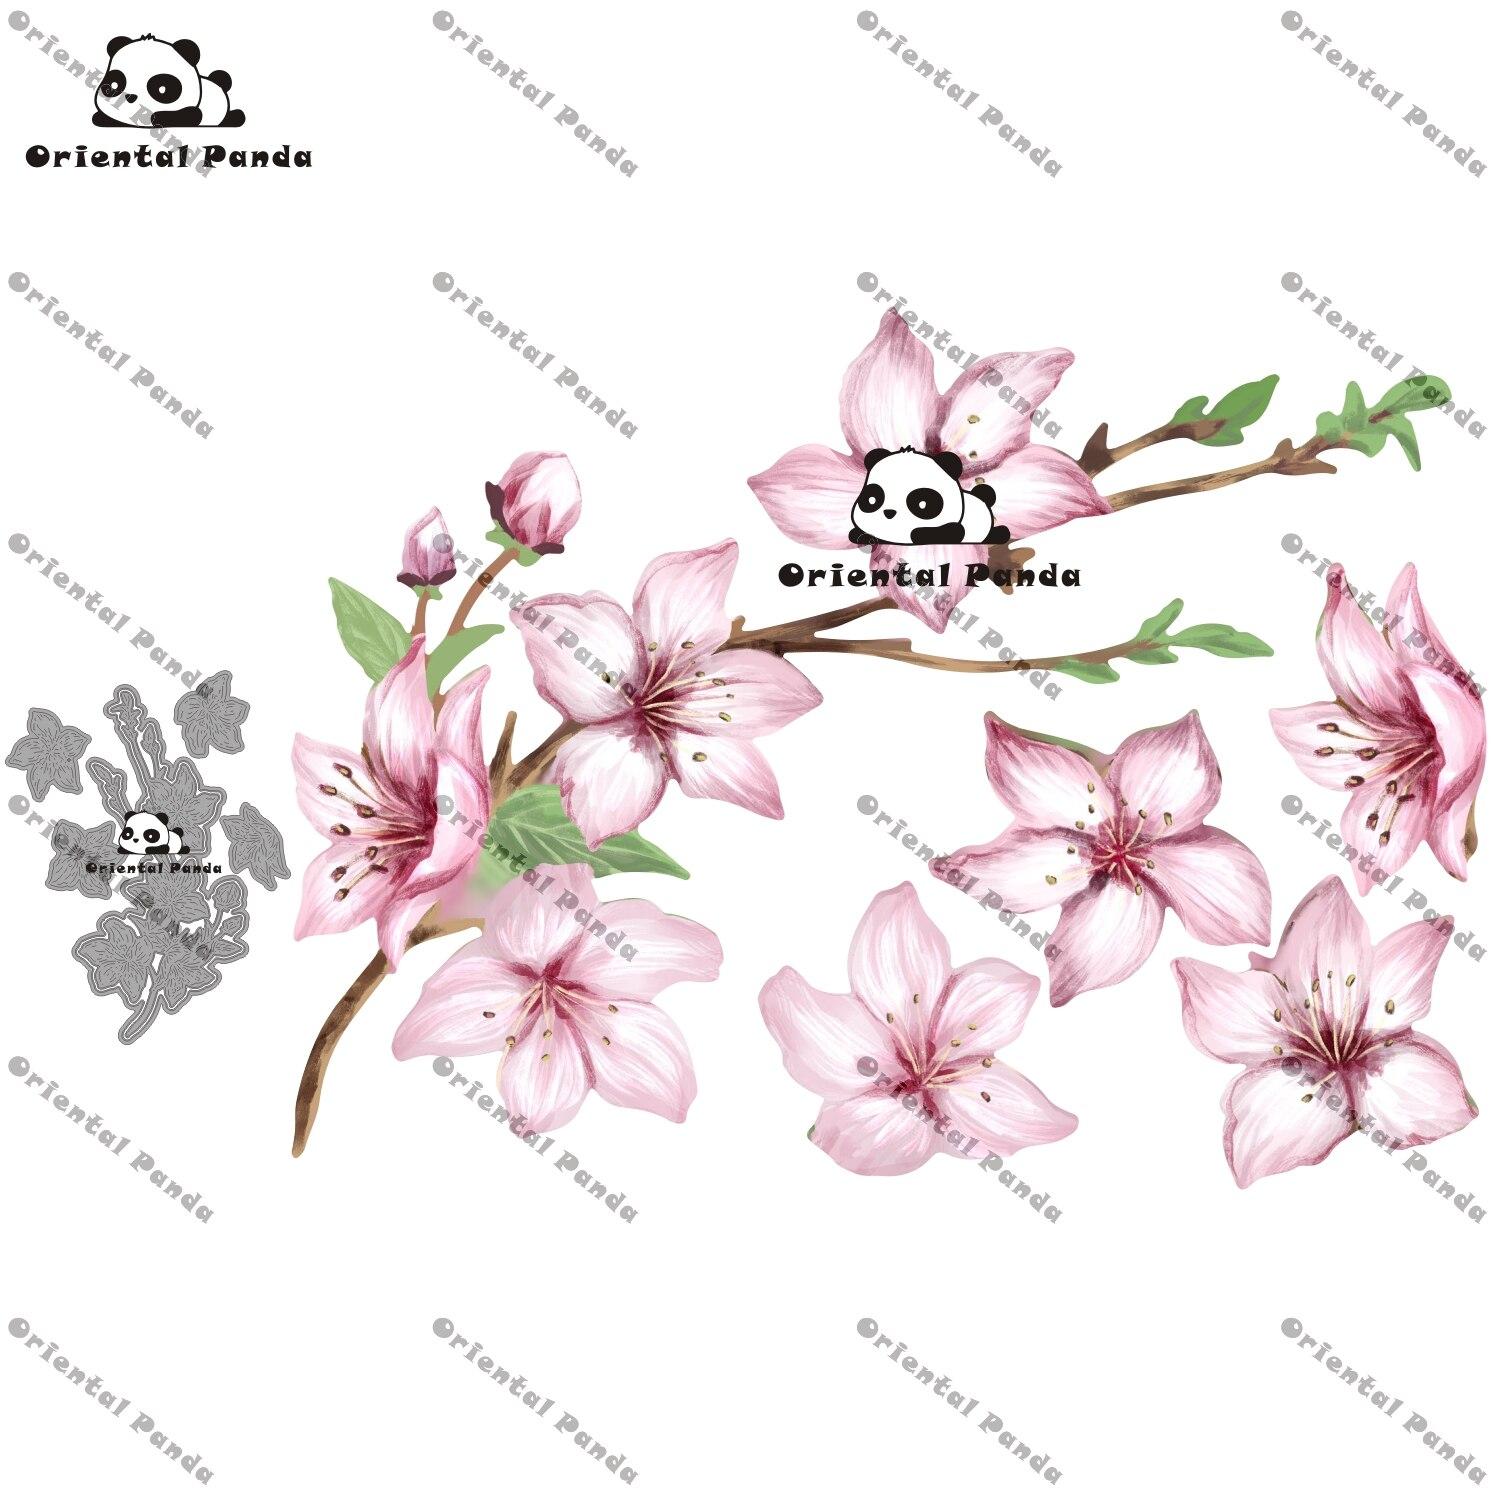 New Dies 2020 Camper Van Metal  Precious flowers  Dies diy Dies photo album cutting dies Scrapbooking Stencil Dies